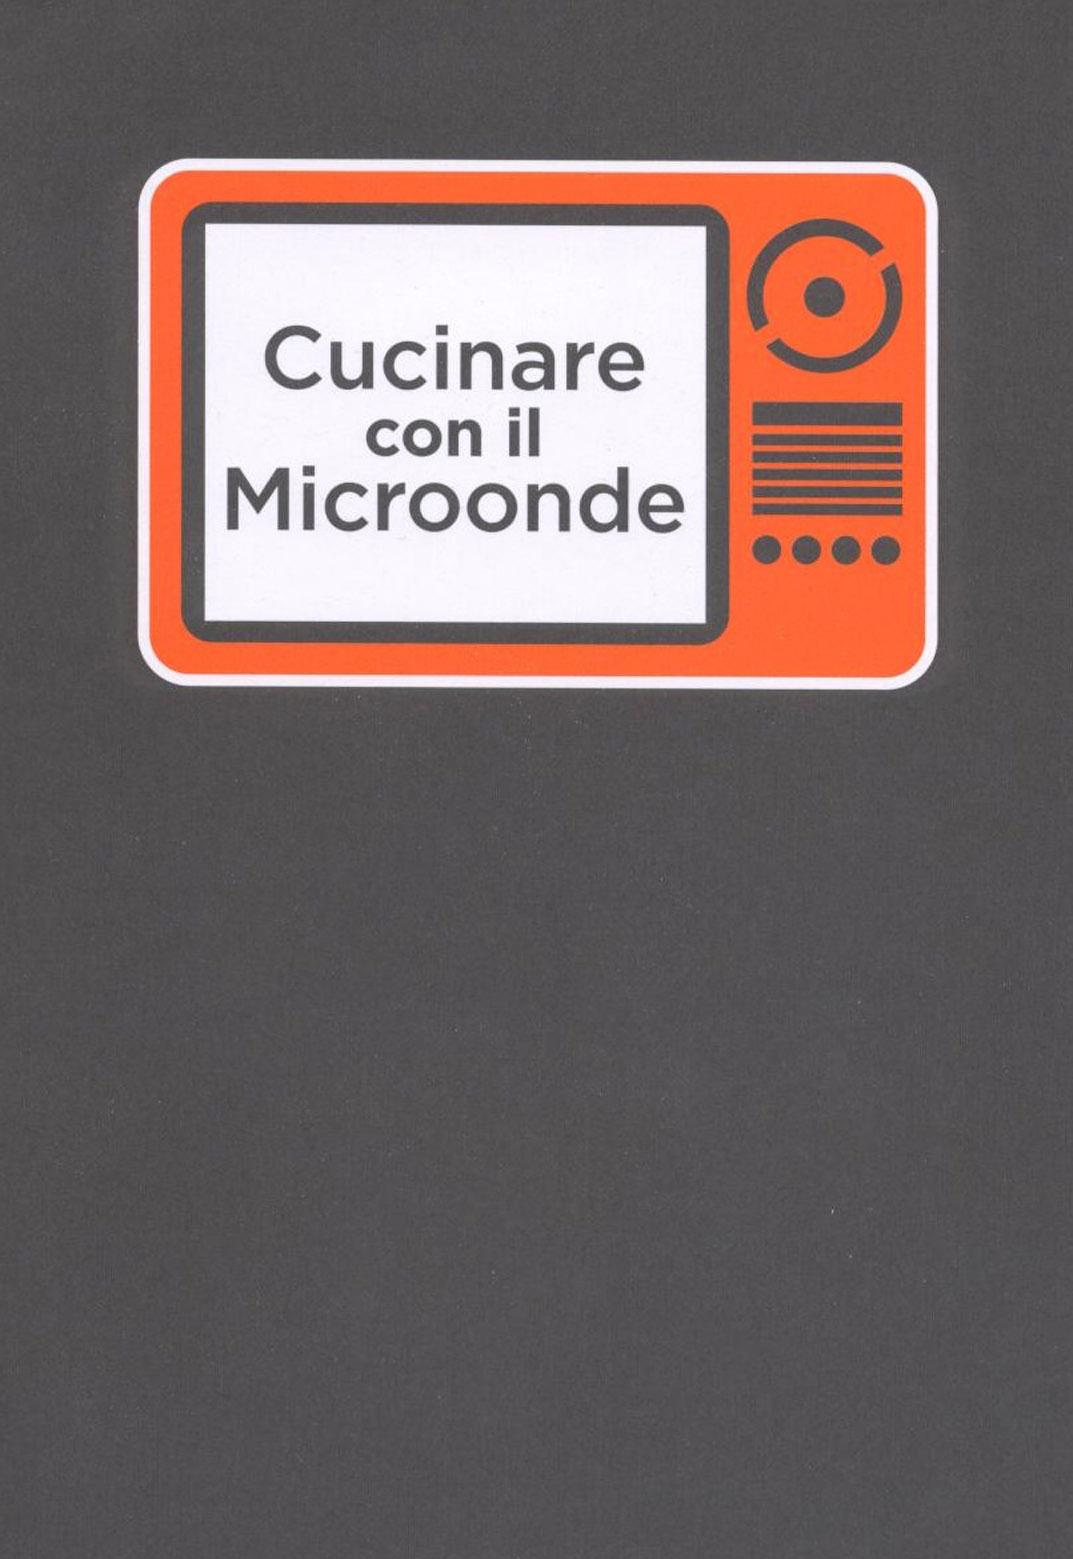 Libri in cucina cucinare con il microonde - Cucinare con microonde whirlpool ...